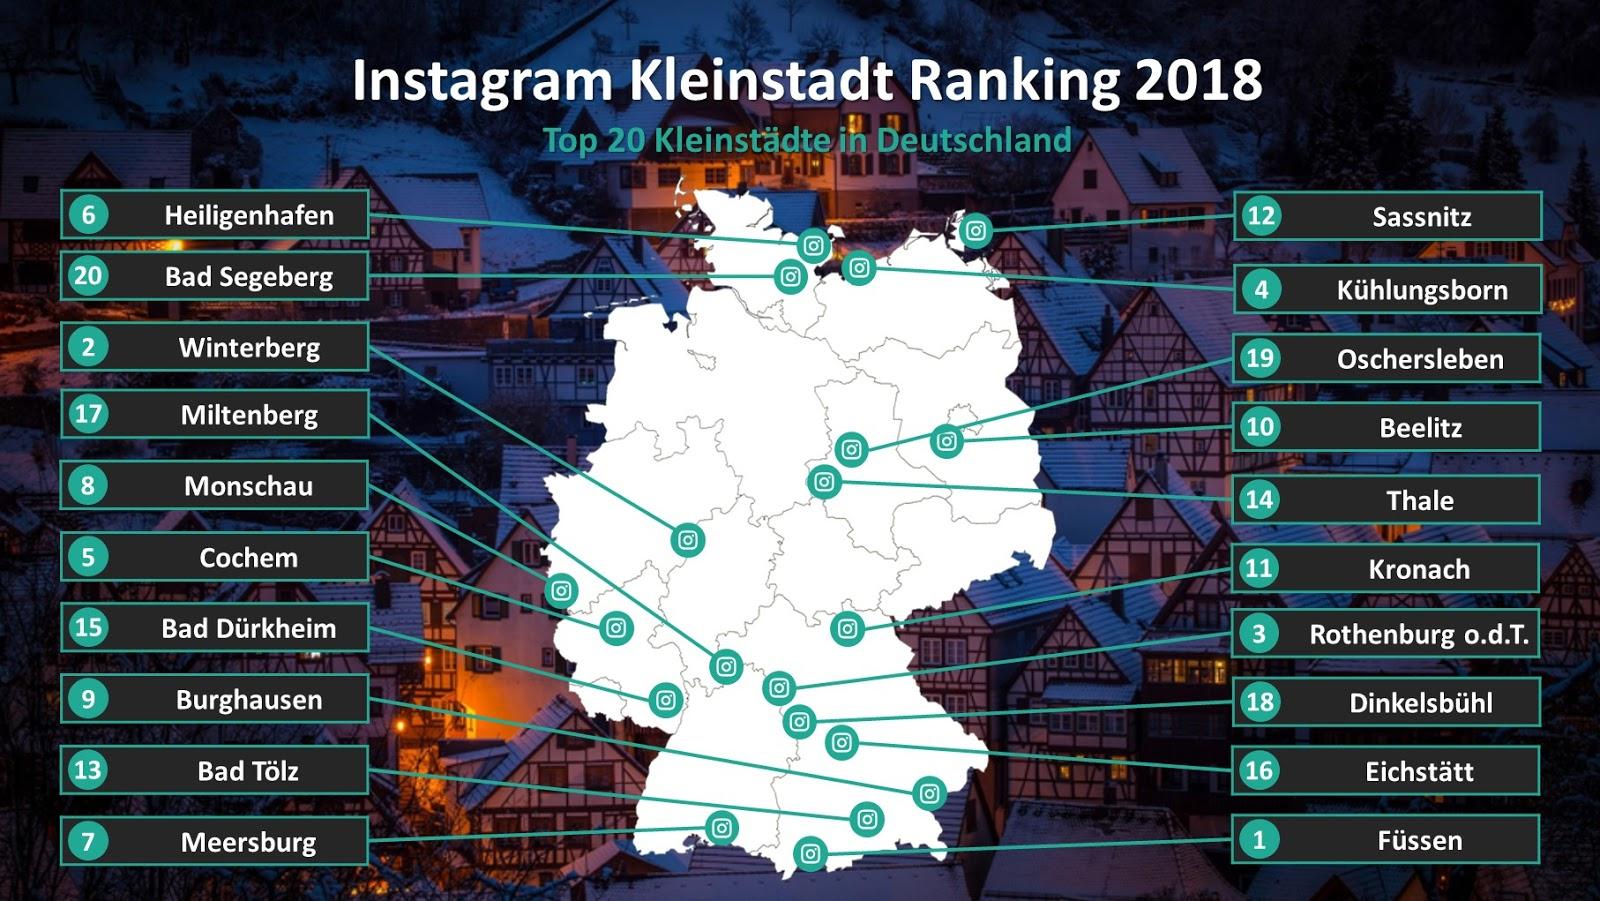 Instagram Kleinstadt Ranking